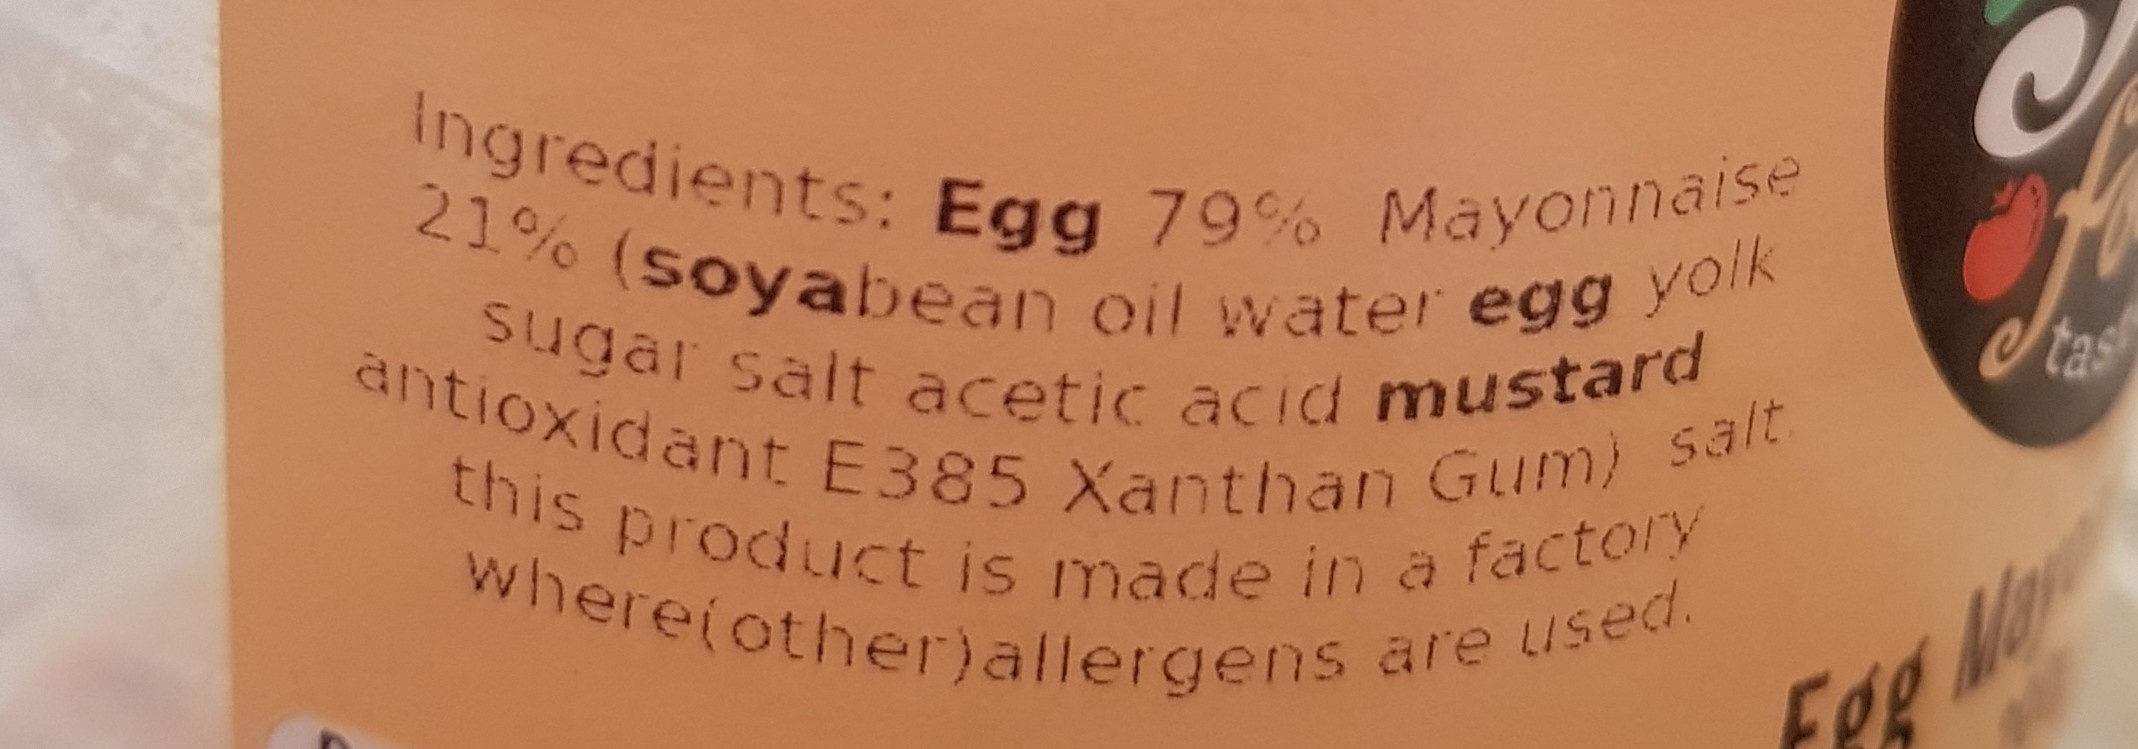 Egg mayonnaise - Ingredients - en